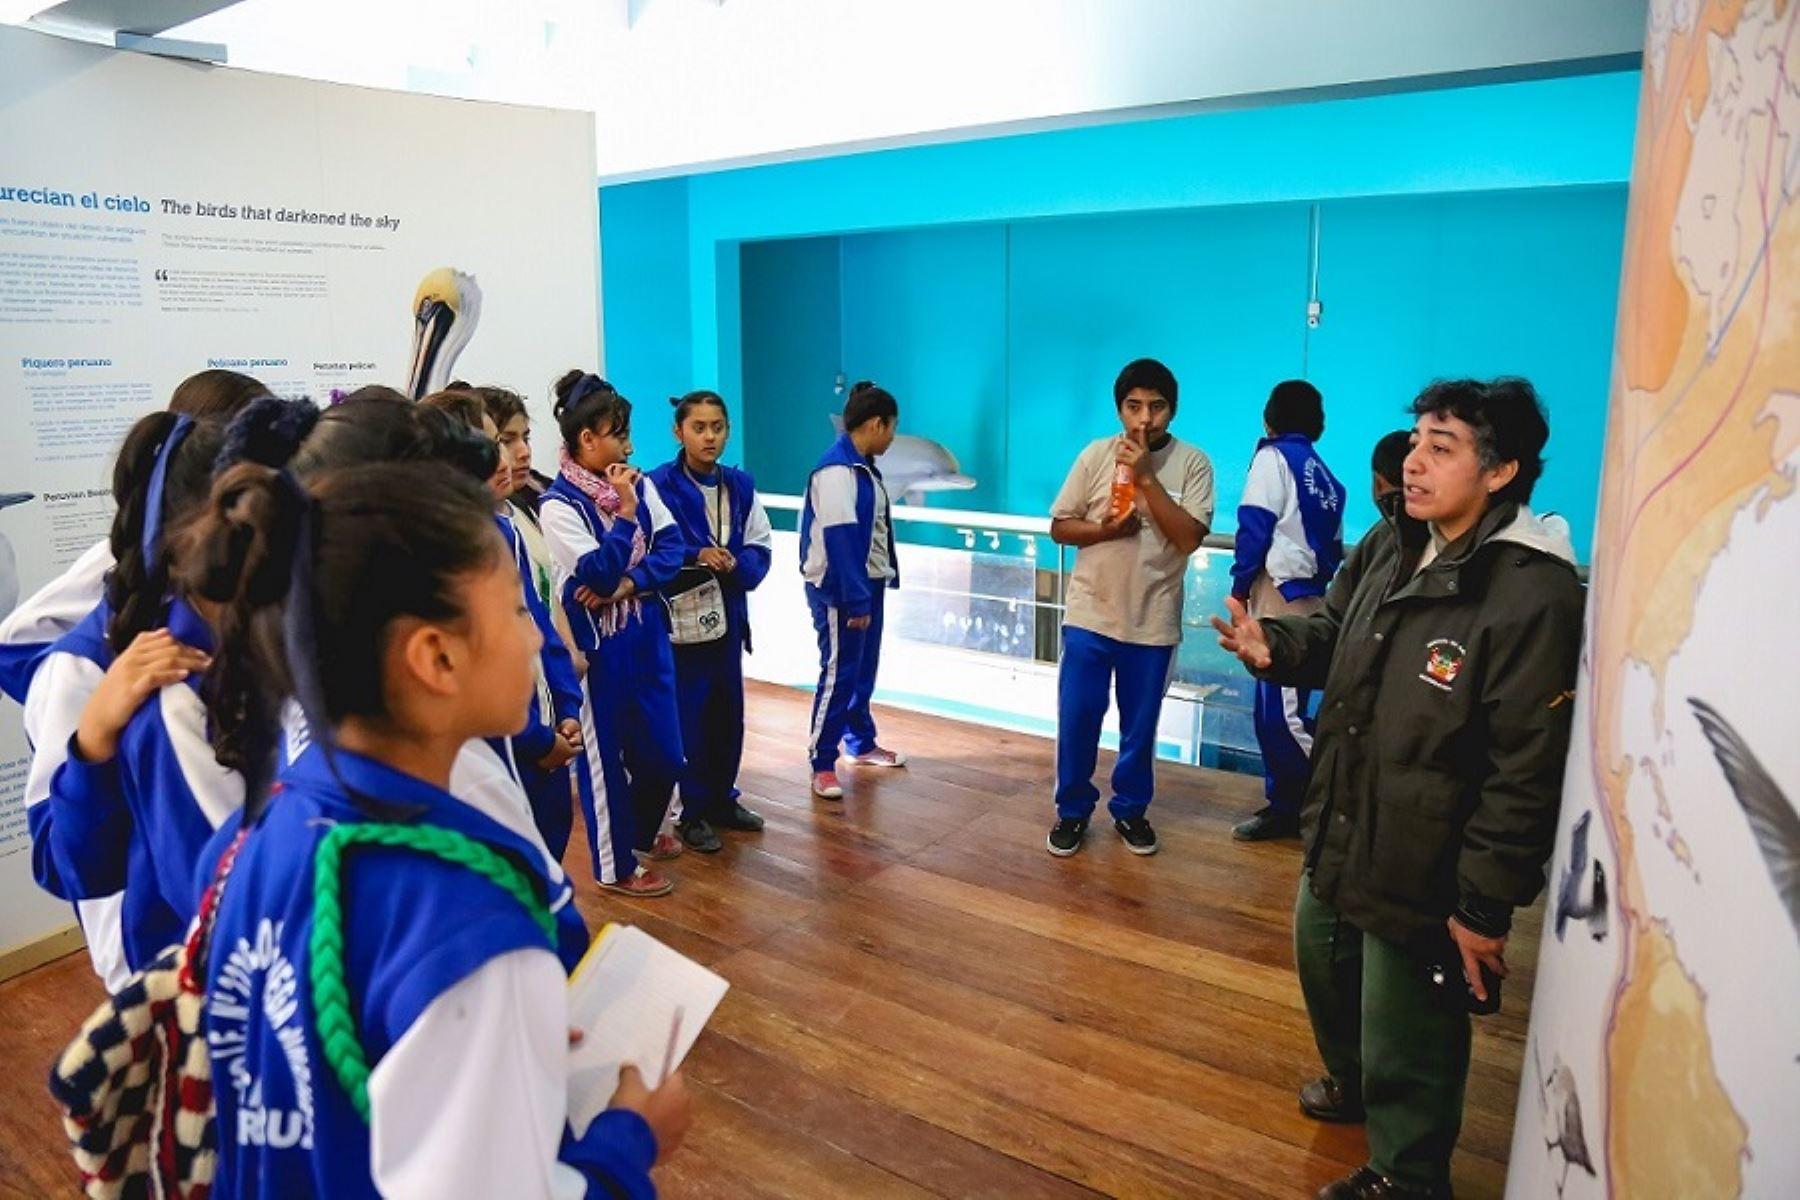 Más de 360 niños de las instituciones educativas del distrito de Paracas y San Andrés, provincia de Pisco, formarán parte de los talleres de capacitación para convertirse en miniguardaparques de la Reserva Nacional de Paracas (Ica), informó el Servicio Nacional de Áreas Naturales Protegidas por el Estado (Sernanp).